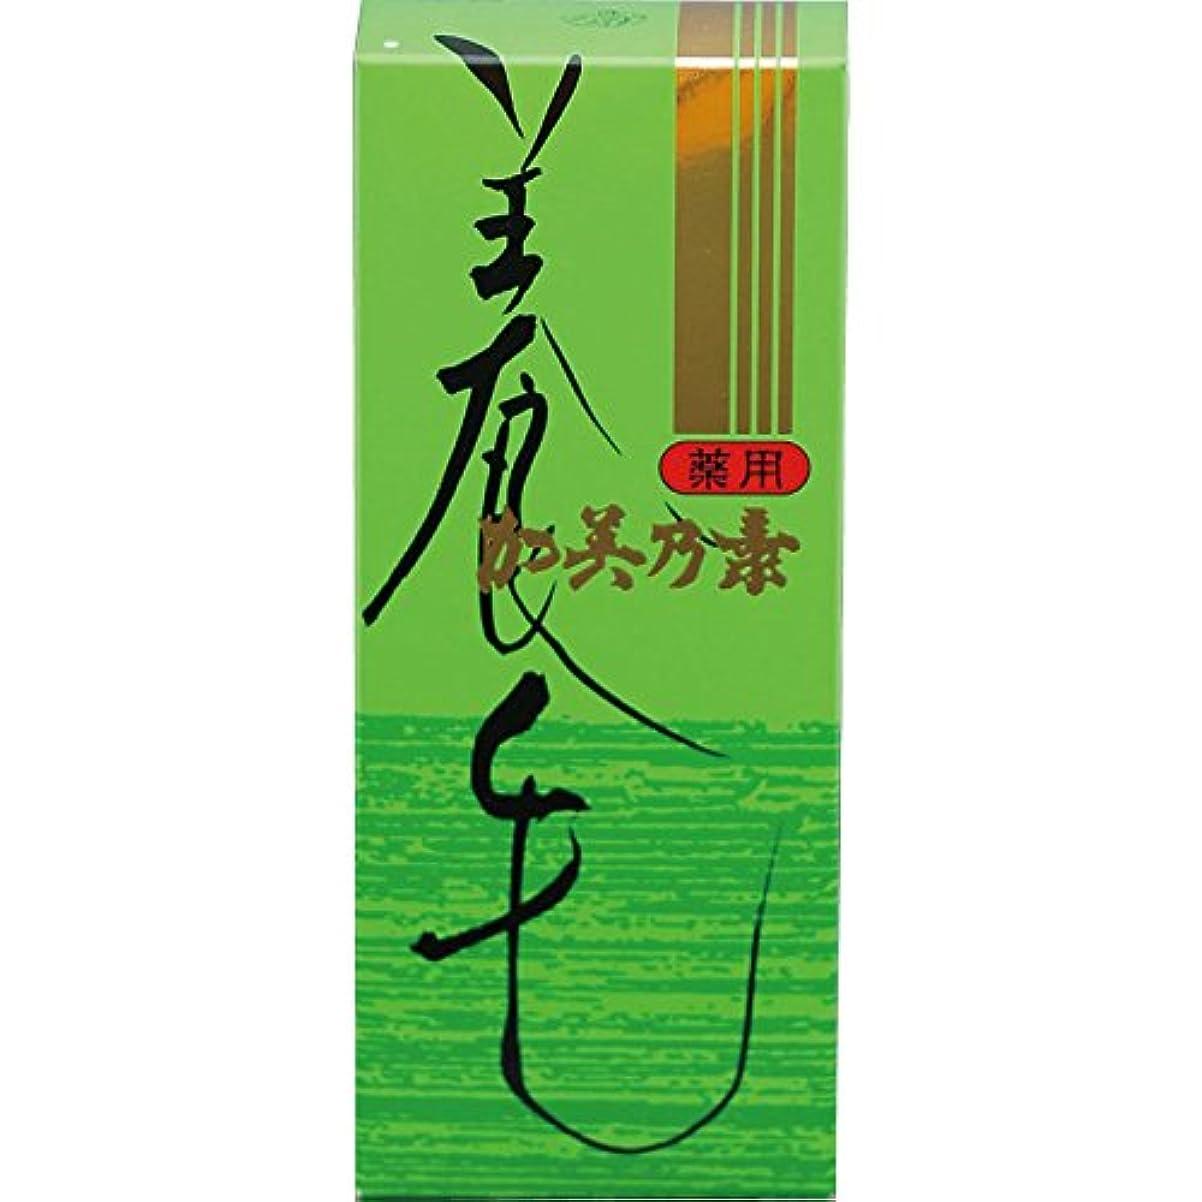 男らしさにおい飢薬用加美乃素 グリーンフローラルの香り 180mL 【医薬部外品】